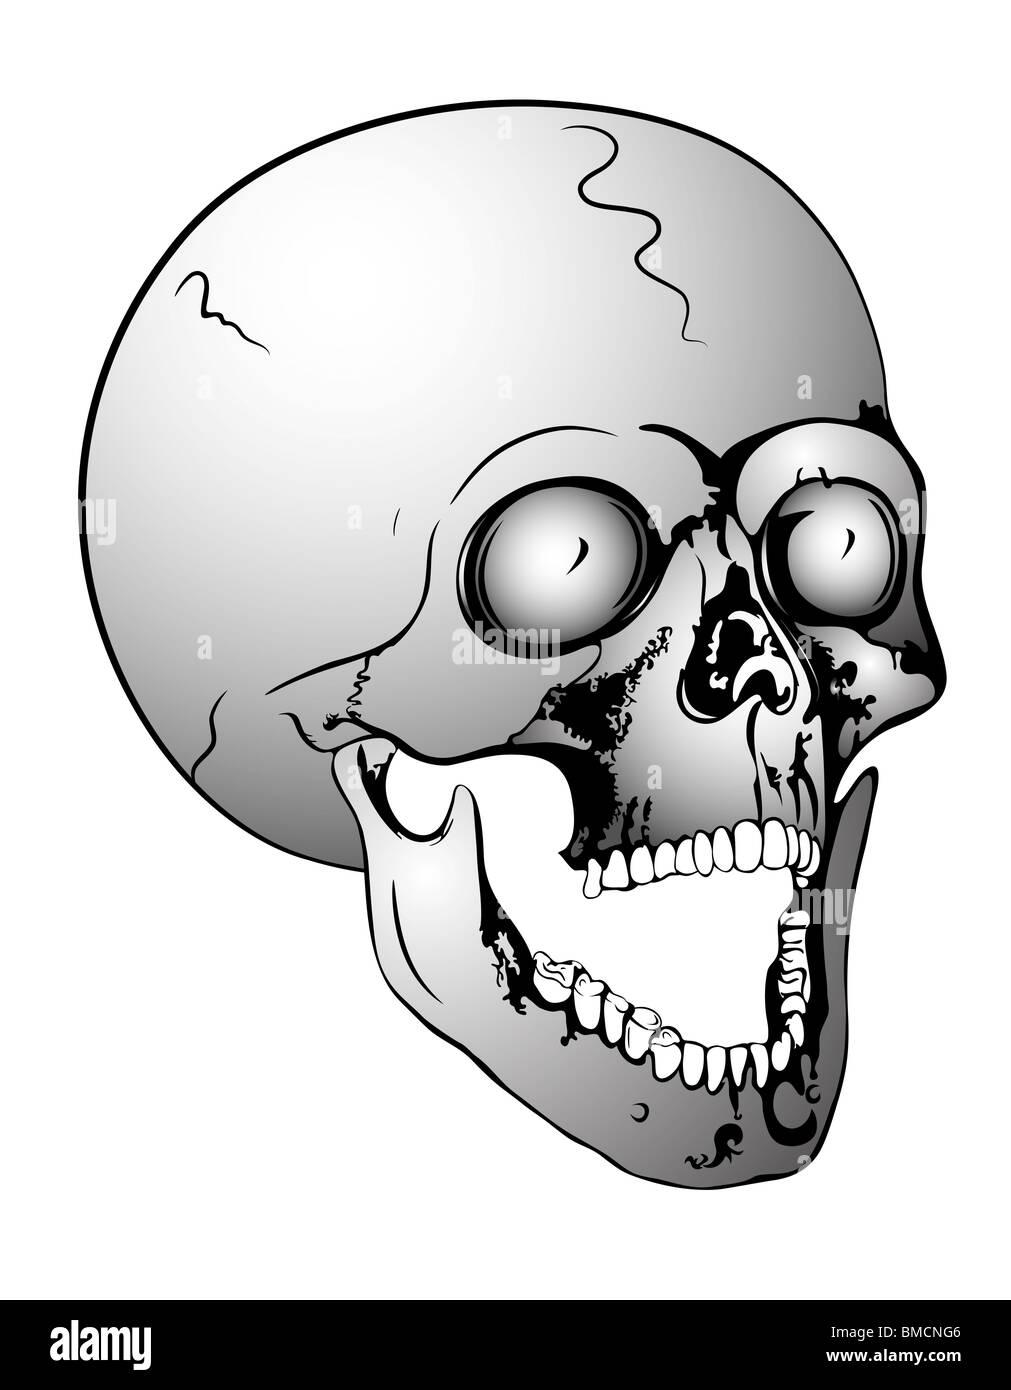 Fantastisch In Ihrem Mund Anatomie Zeitgenössisch - Anatomie Ideen ...